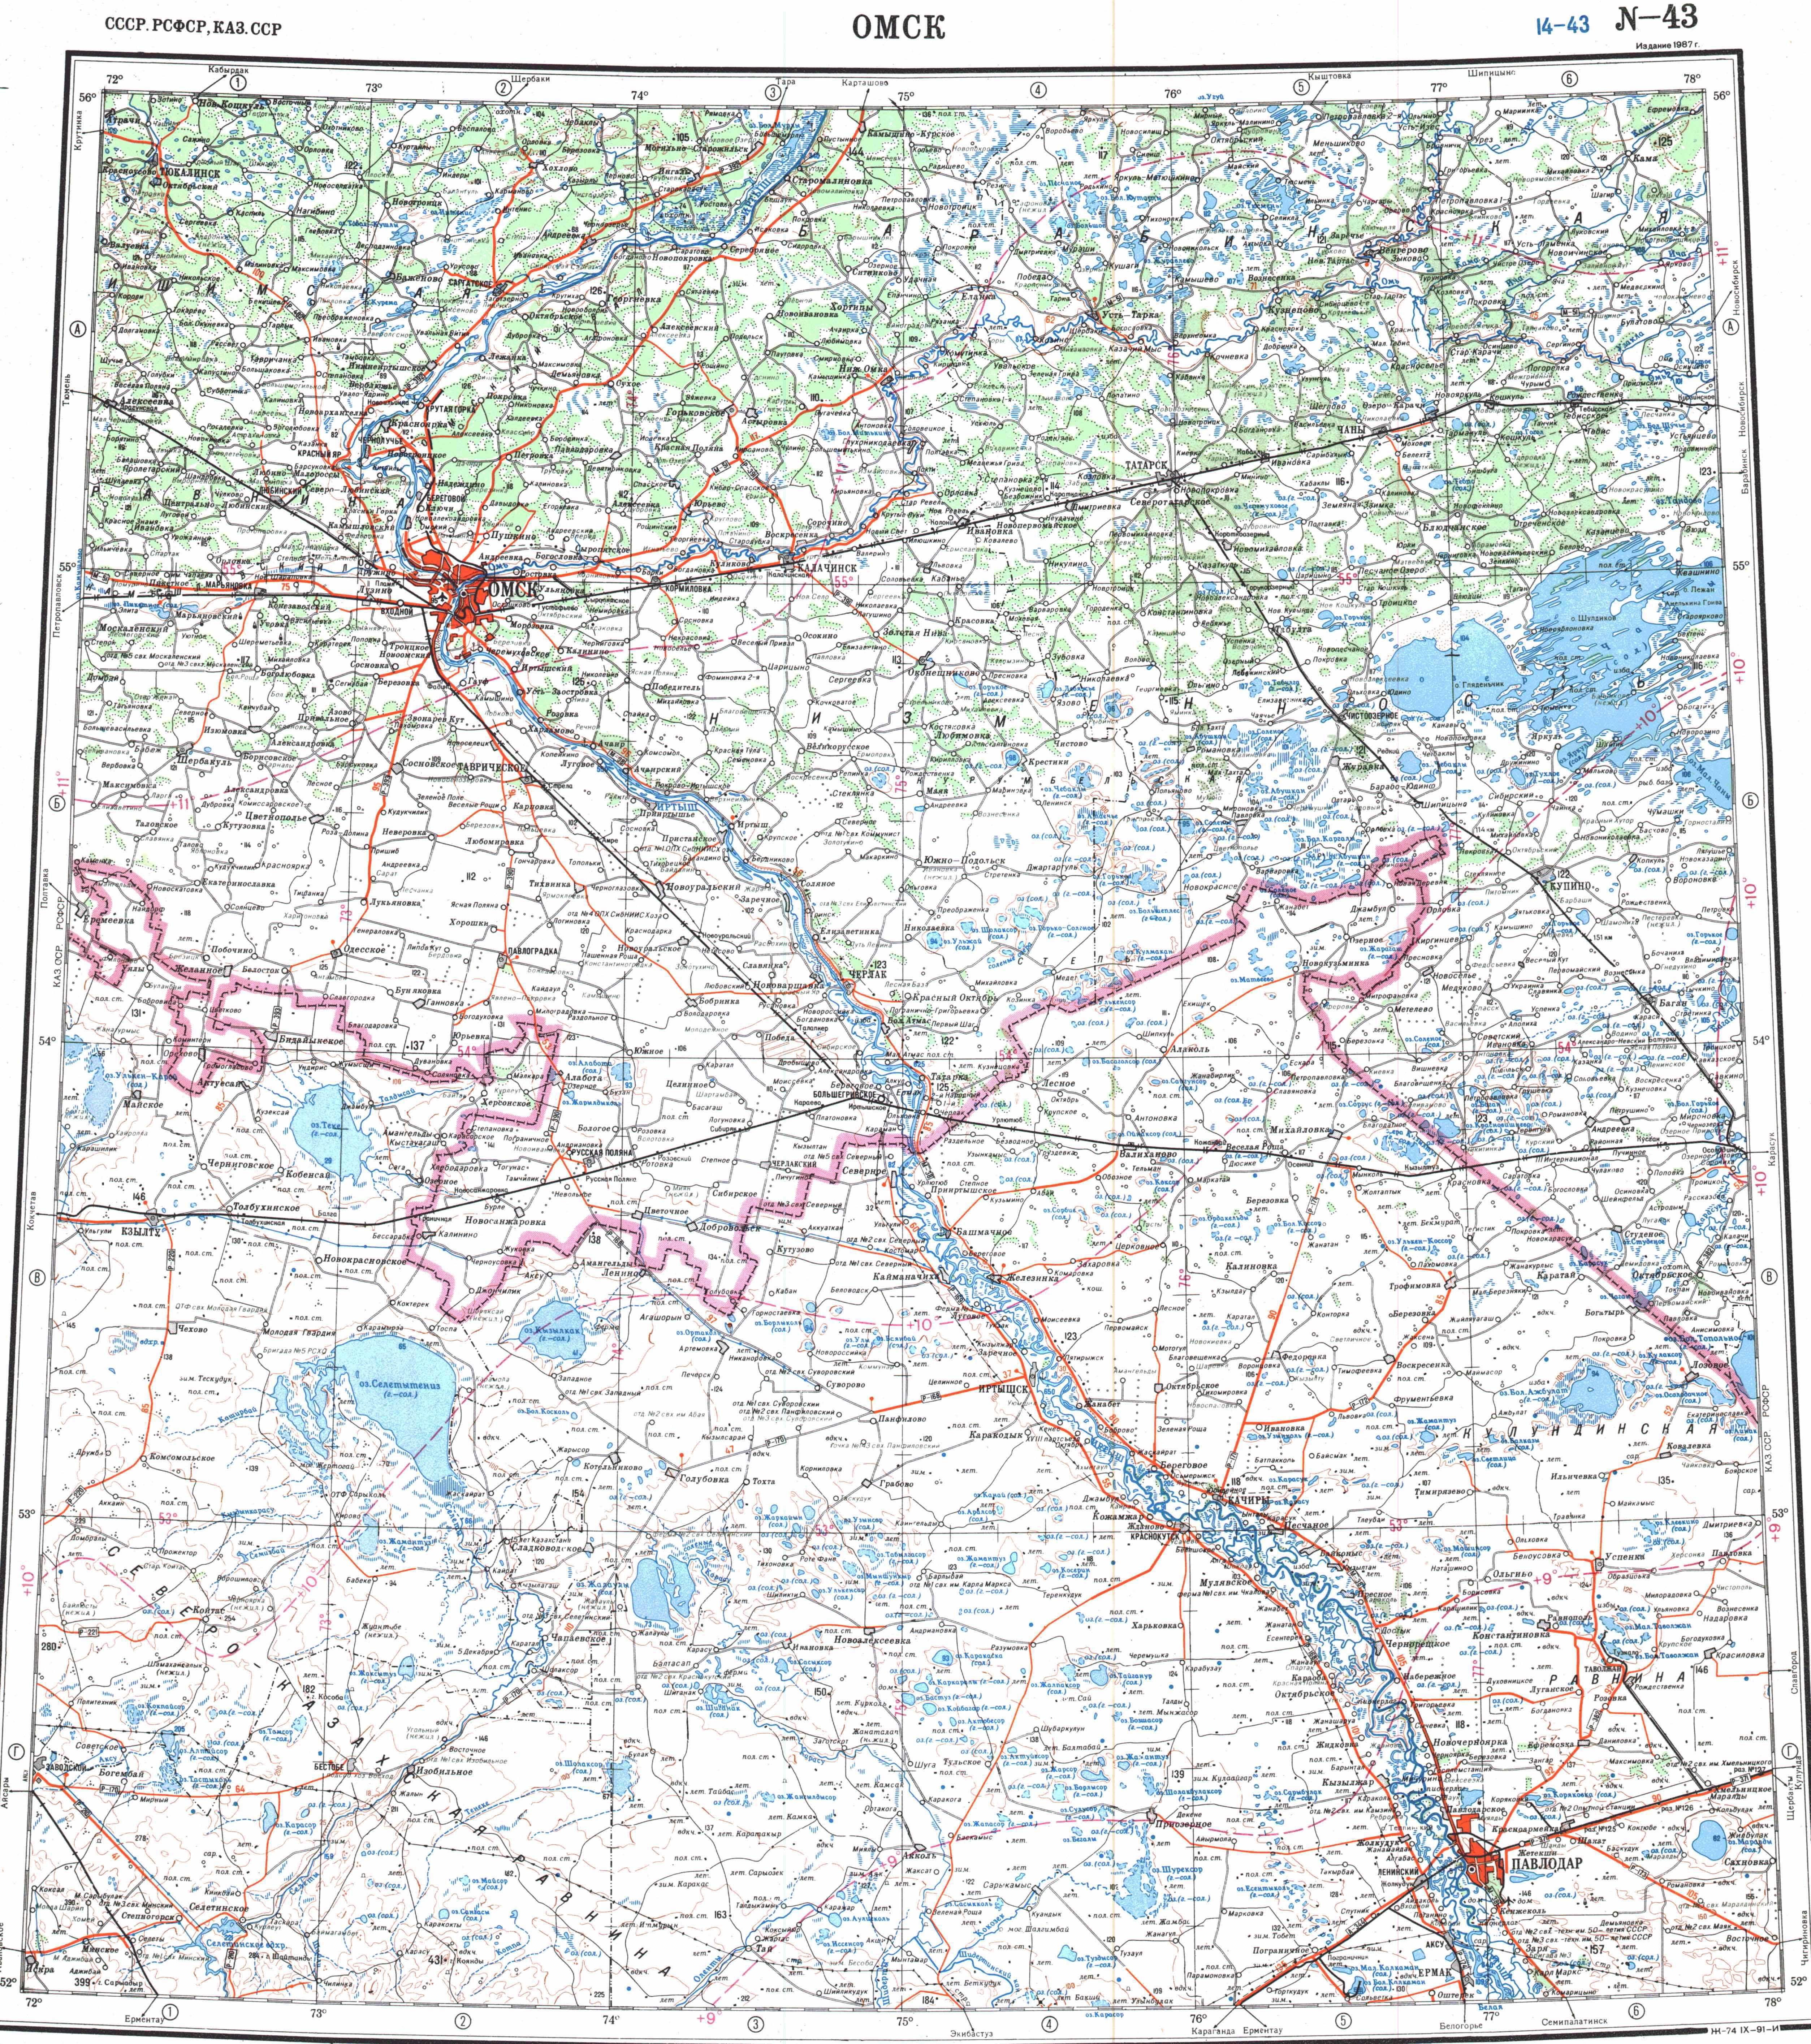 скачать карту омска